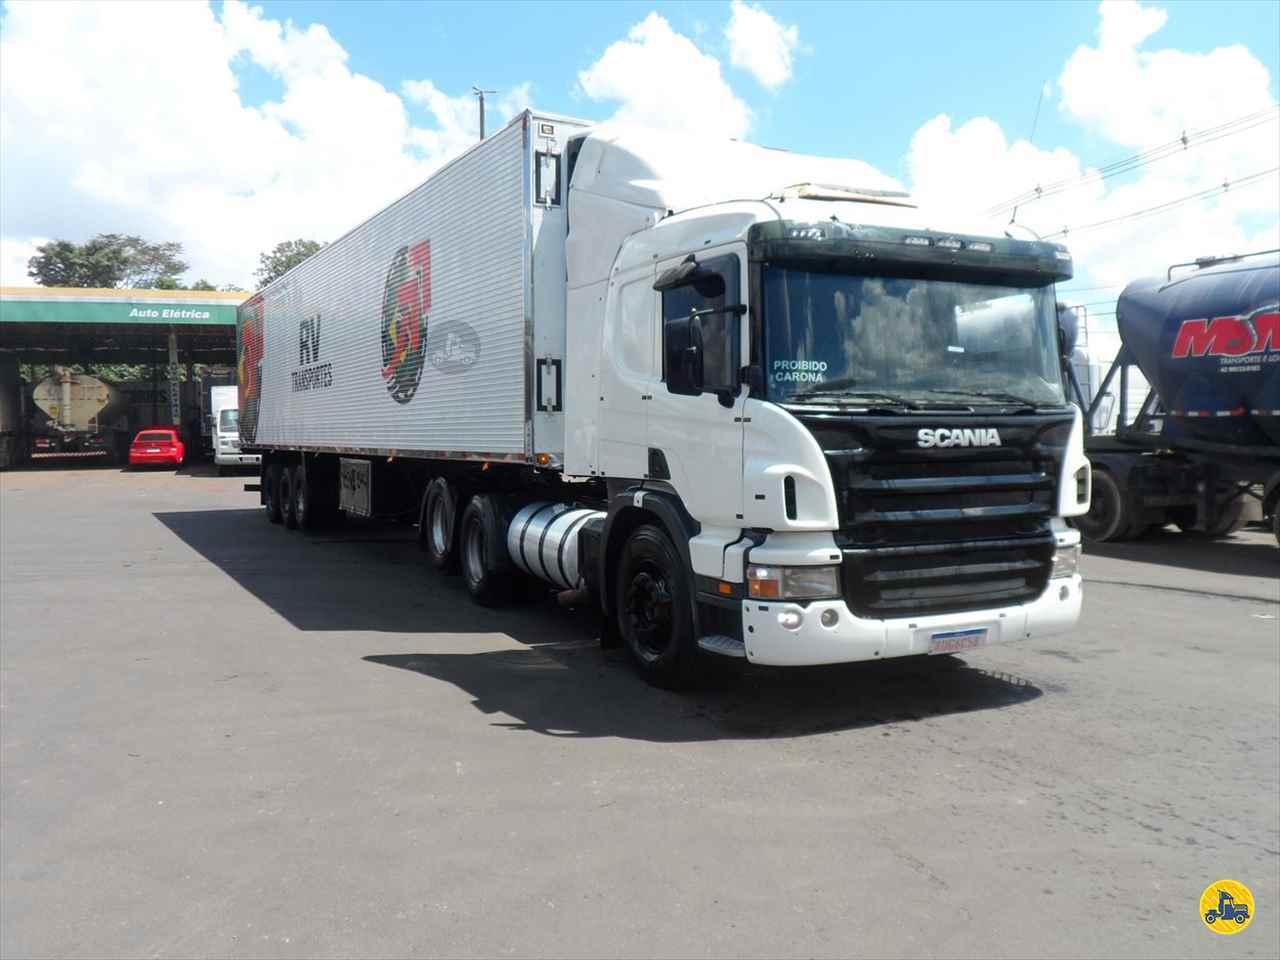 CAMINHAO SCANIA SCANIA P340 Cavalo Mecânico Truck 6x2 Maracavel Londrina Caminhões LONDRINA PARANÁ PR